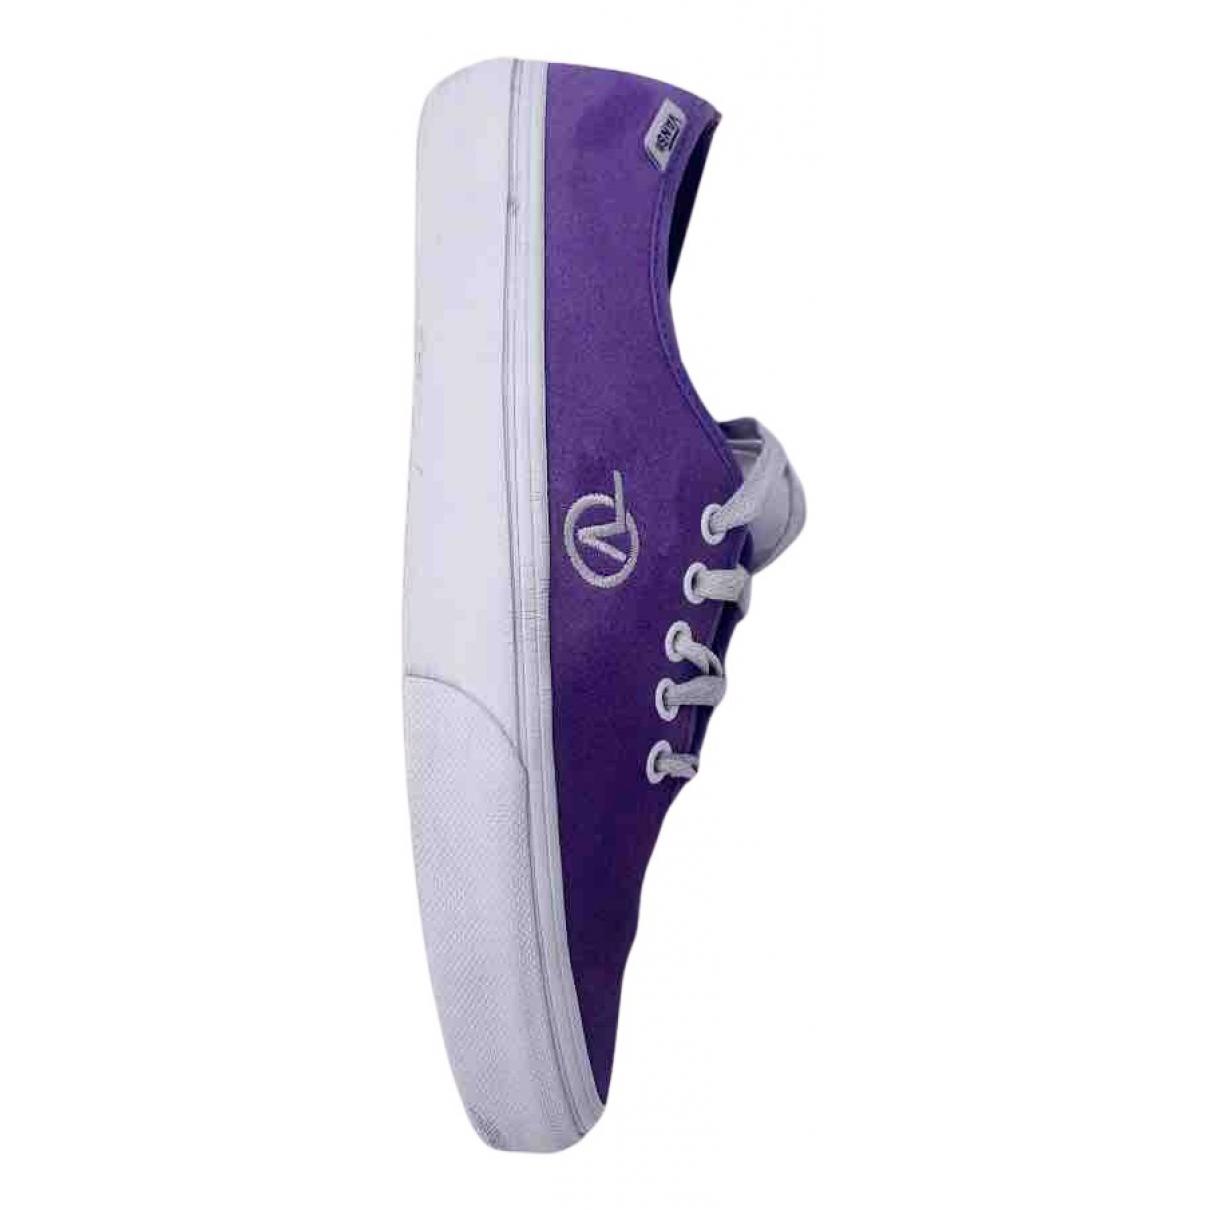 Vans - Mocassins   pour homme en suede - violet